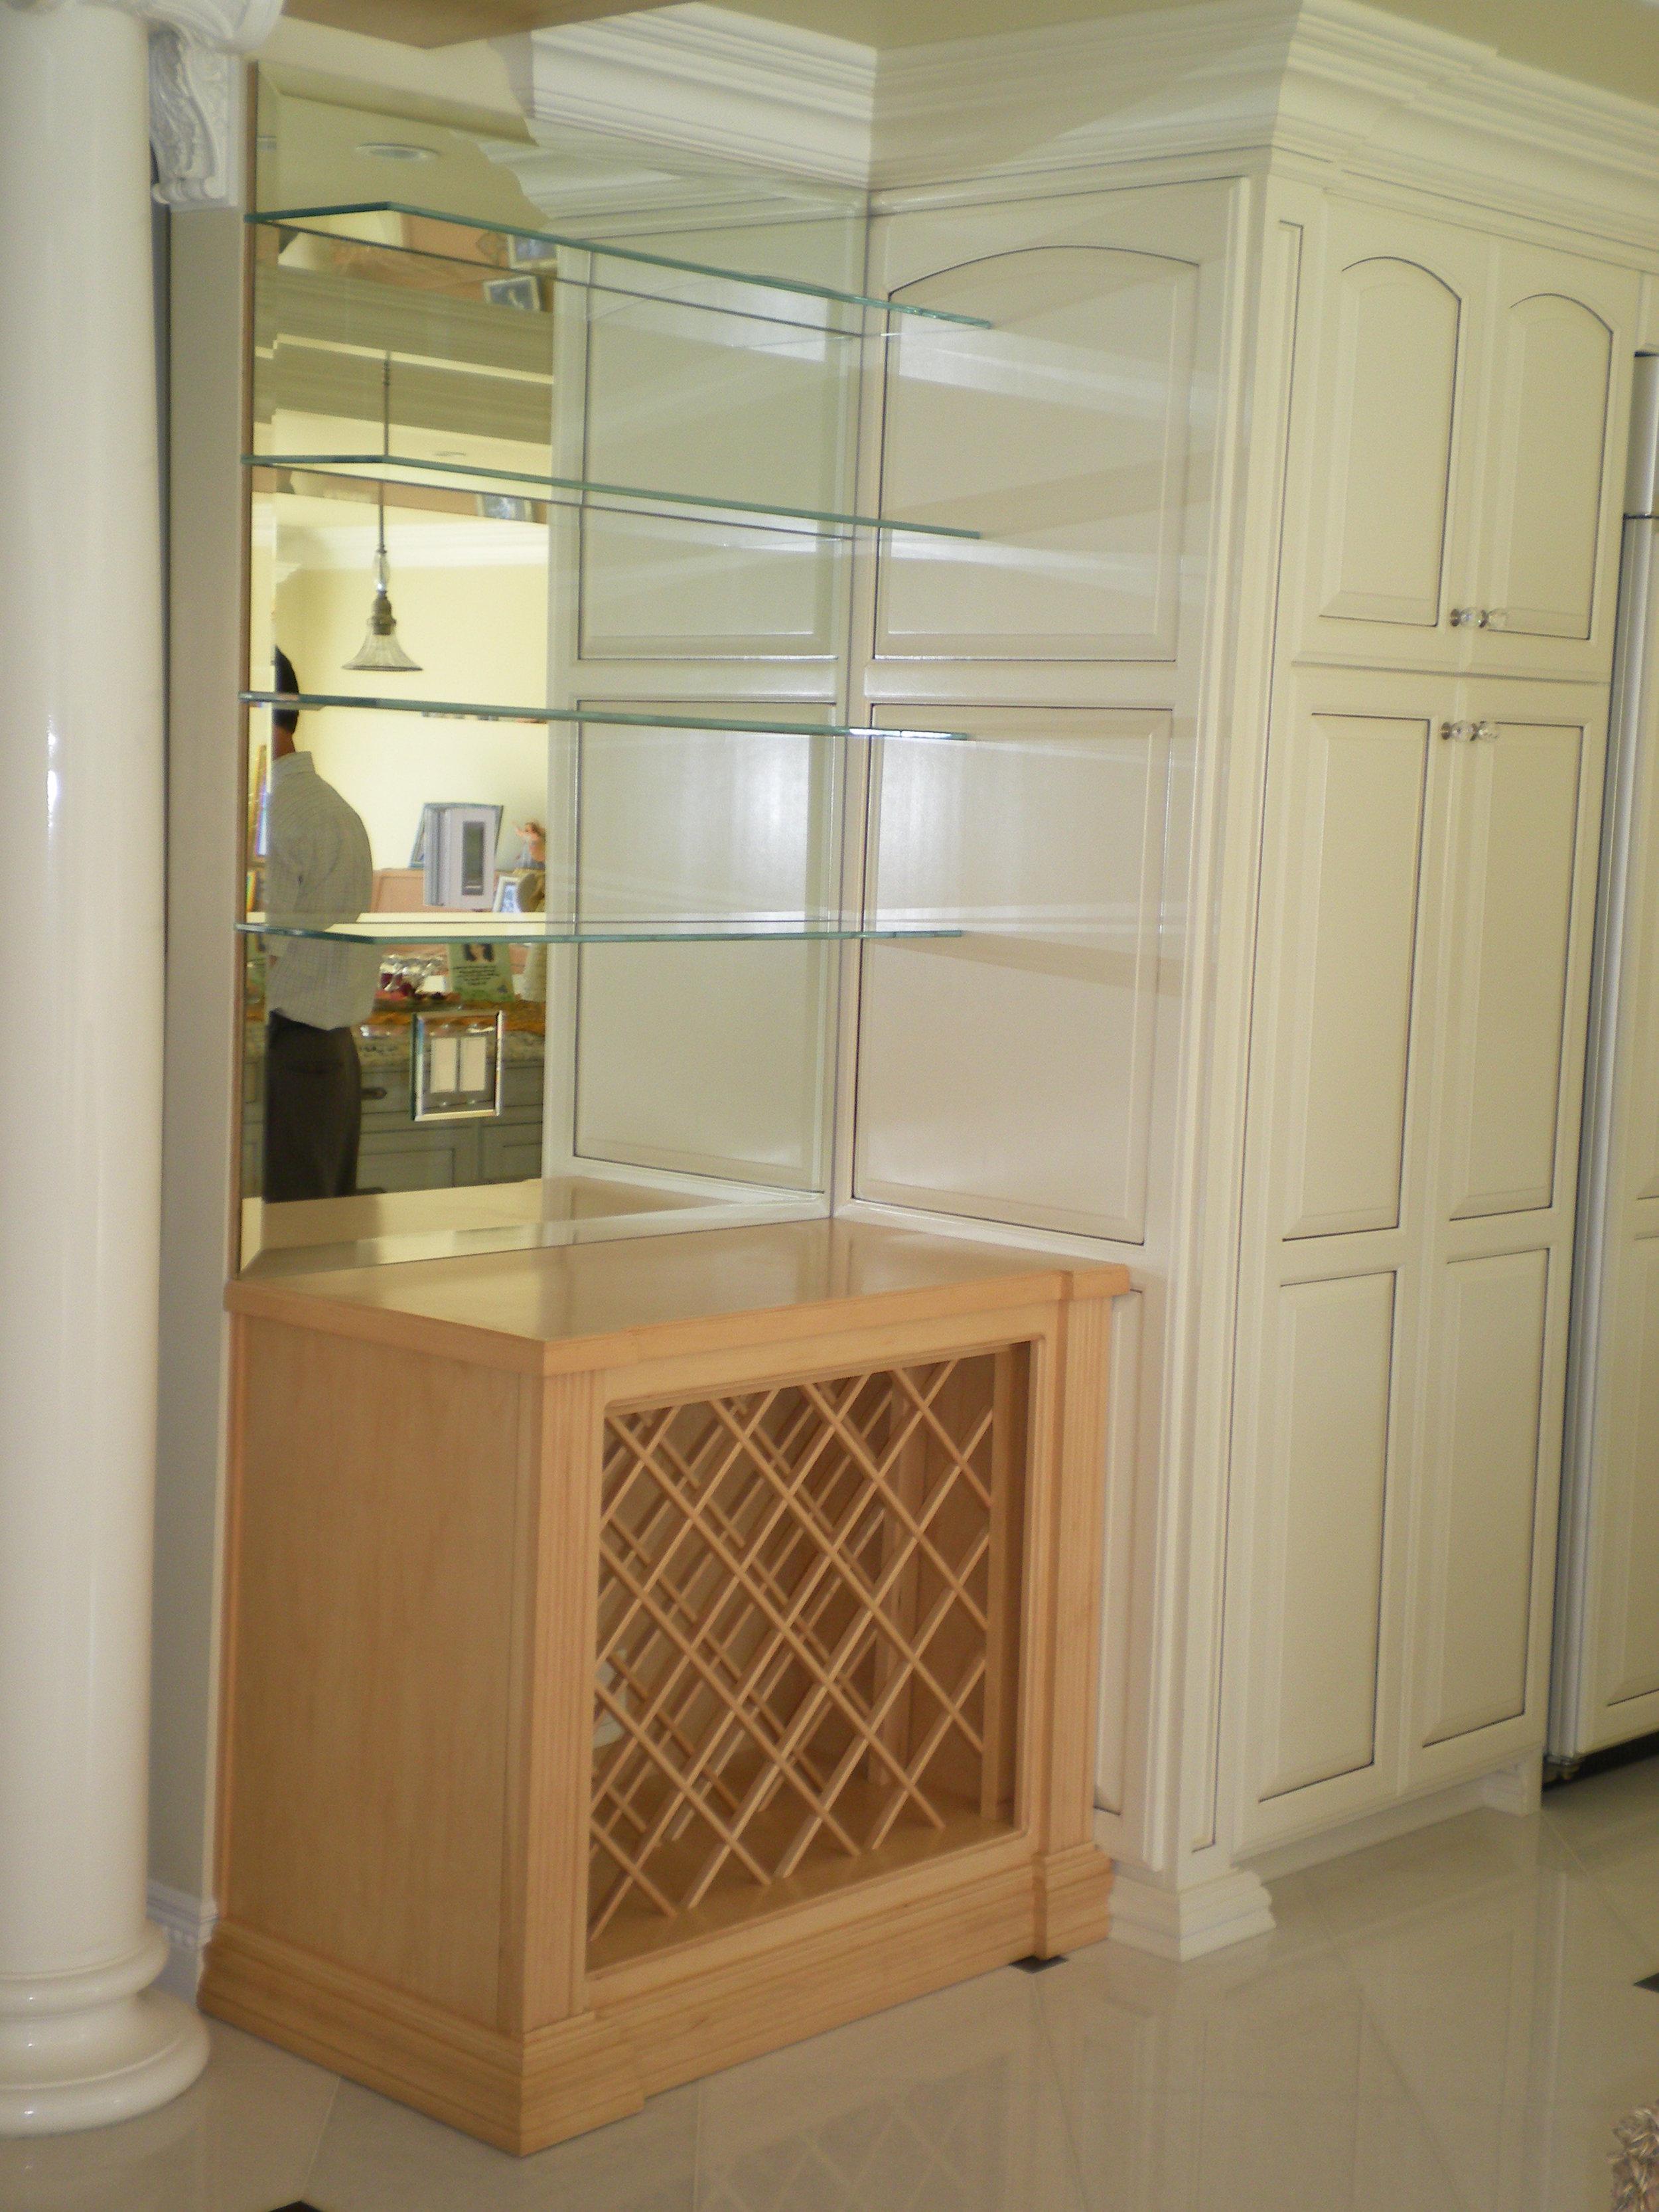 Glass-Shelves-Residential-Photos-3.jpg